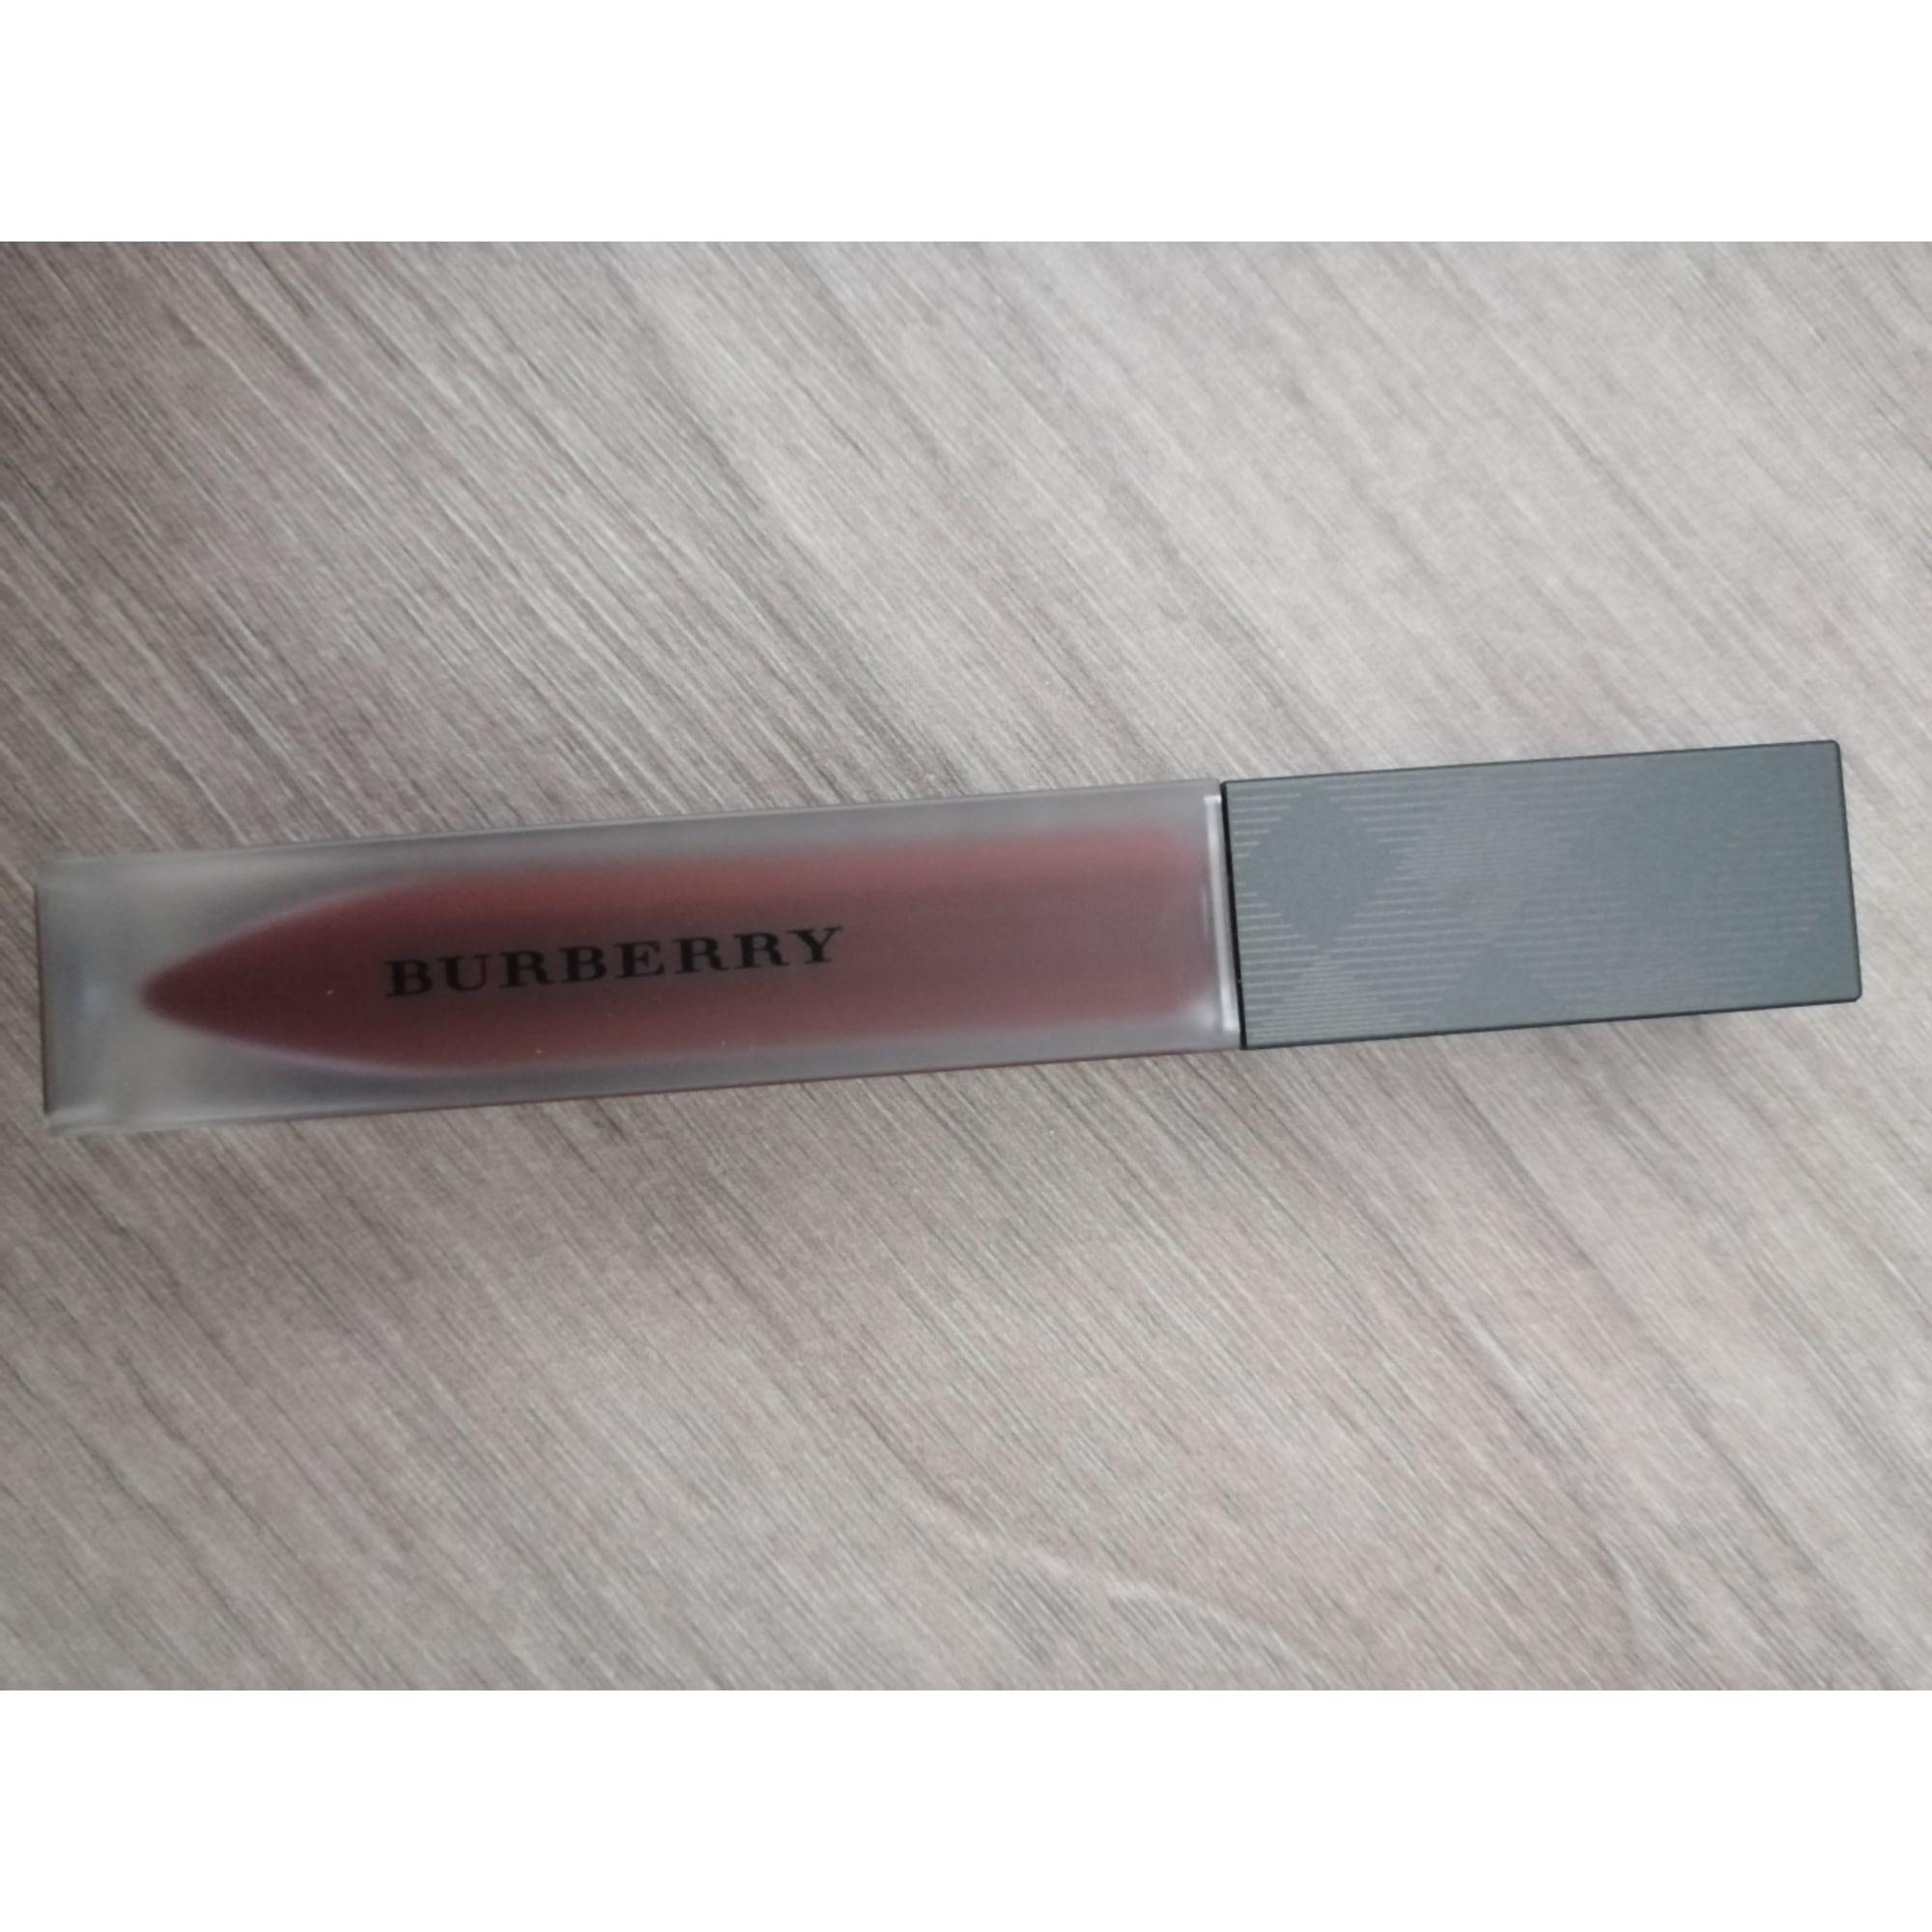 Rouge à lèvres BURBERRY black cherry